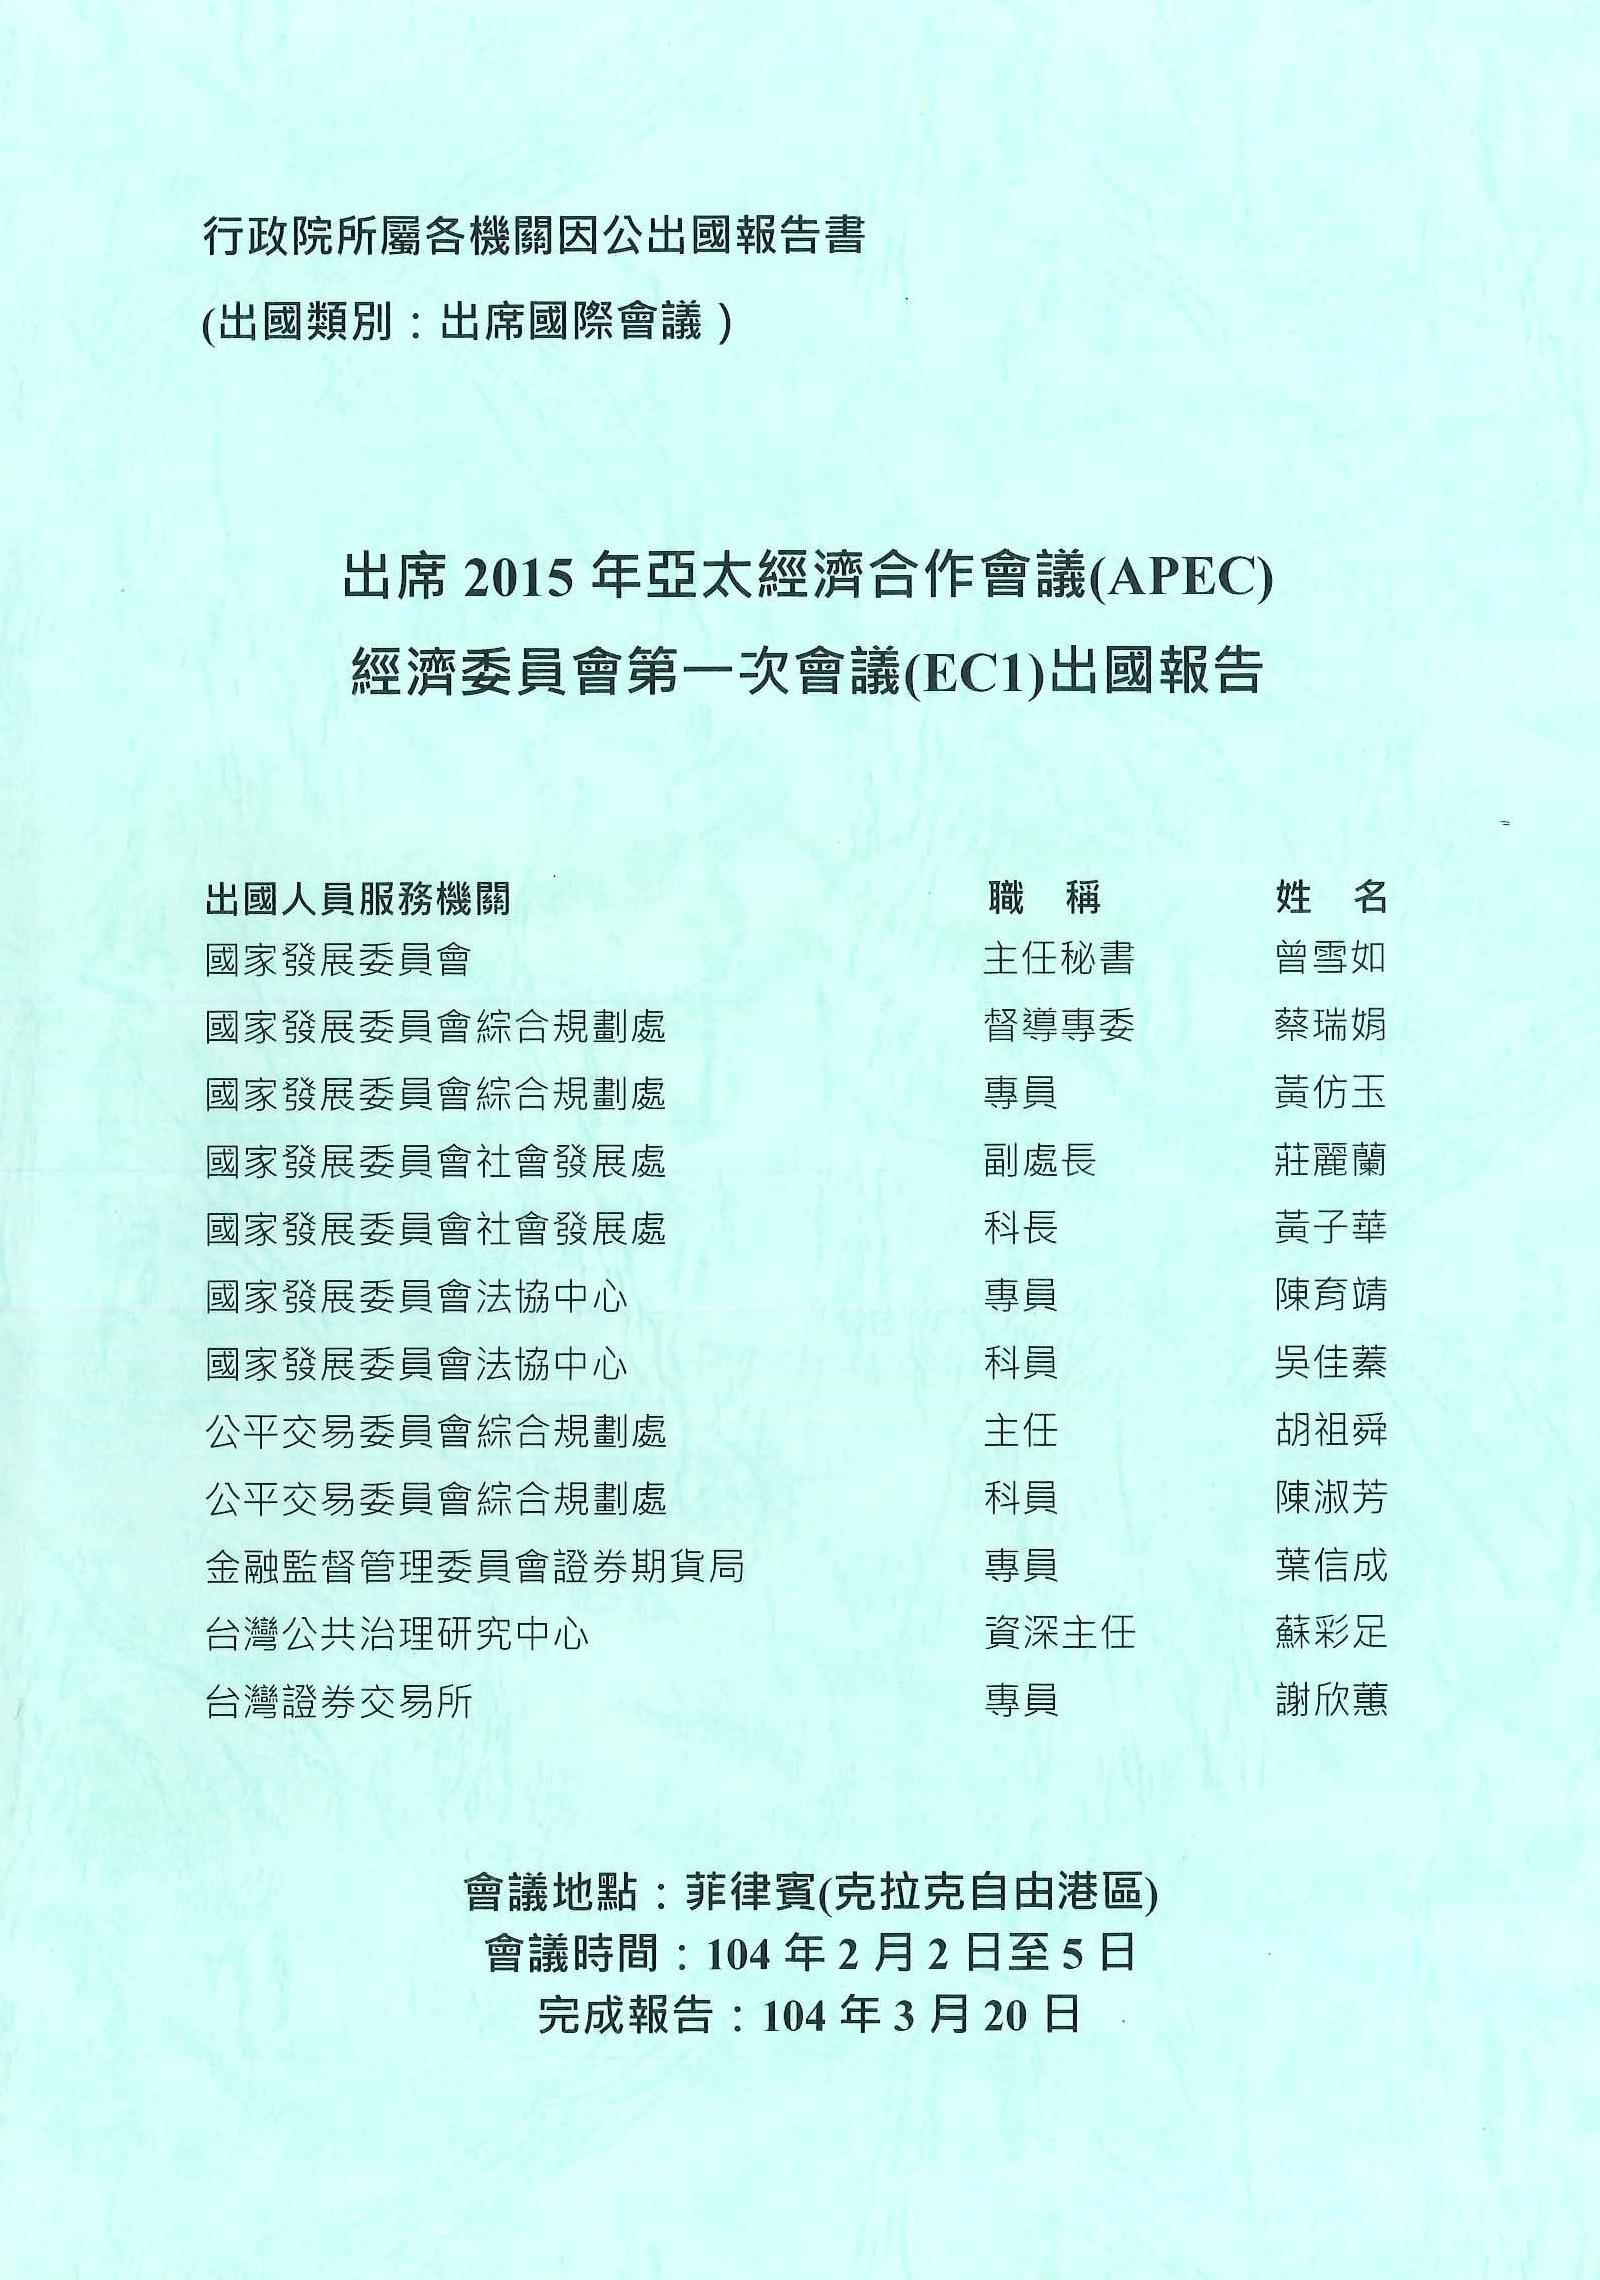 出席2015年亞太經濟合作會議(APEC)經濟委員會第一次會議(EC1)出國報告